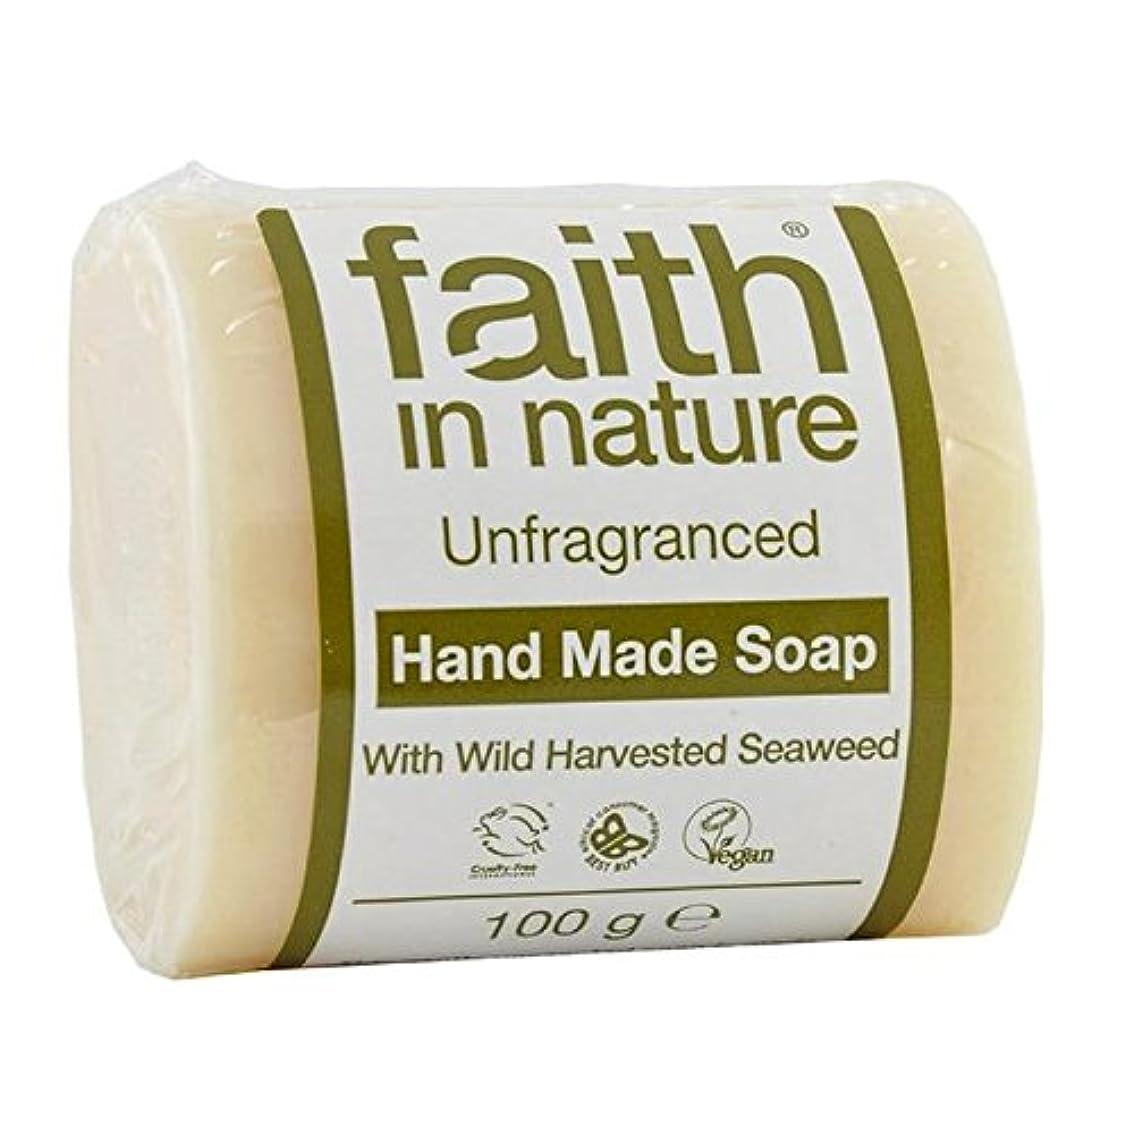 バンケット論理的にウェーハFaith in Nature Unfragranced Pure Hand Made Soap 100g (Pack of 2) - (Faith In Nature) 自然の中で信仰は純粋な手作り石鹸100グラムを無香料 (x2) [並行輸入品]